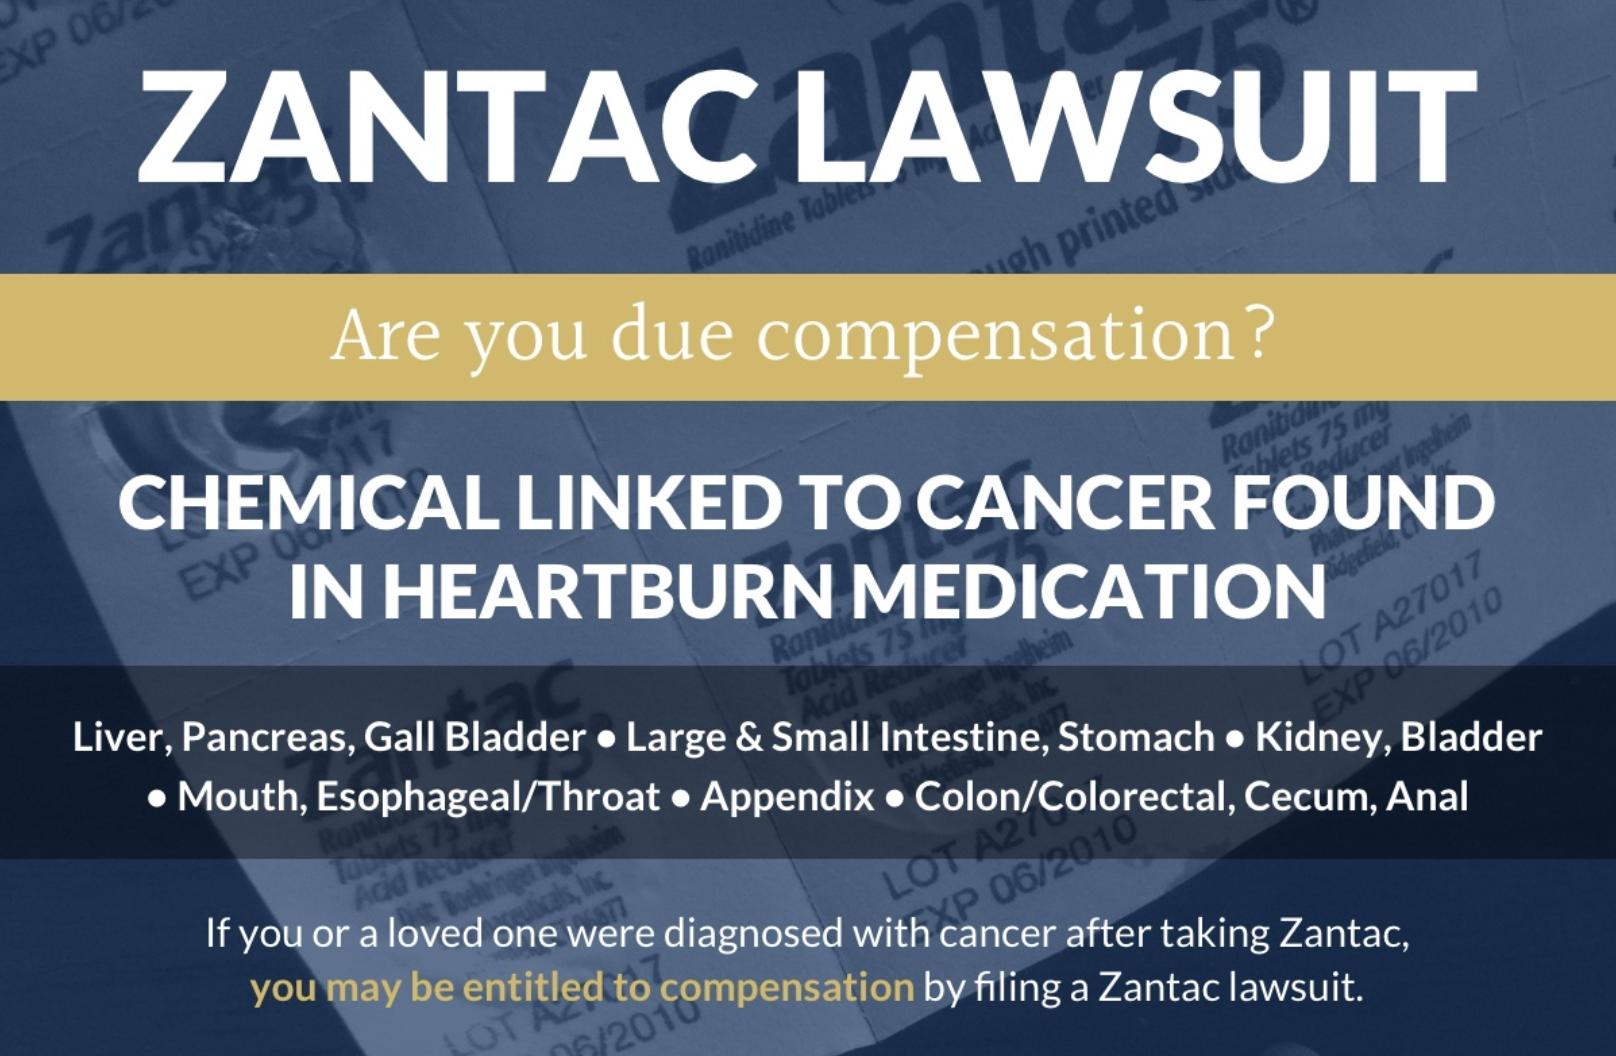 Zantac lawsuit eligible for a compensation claim